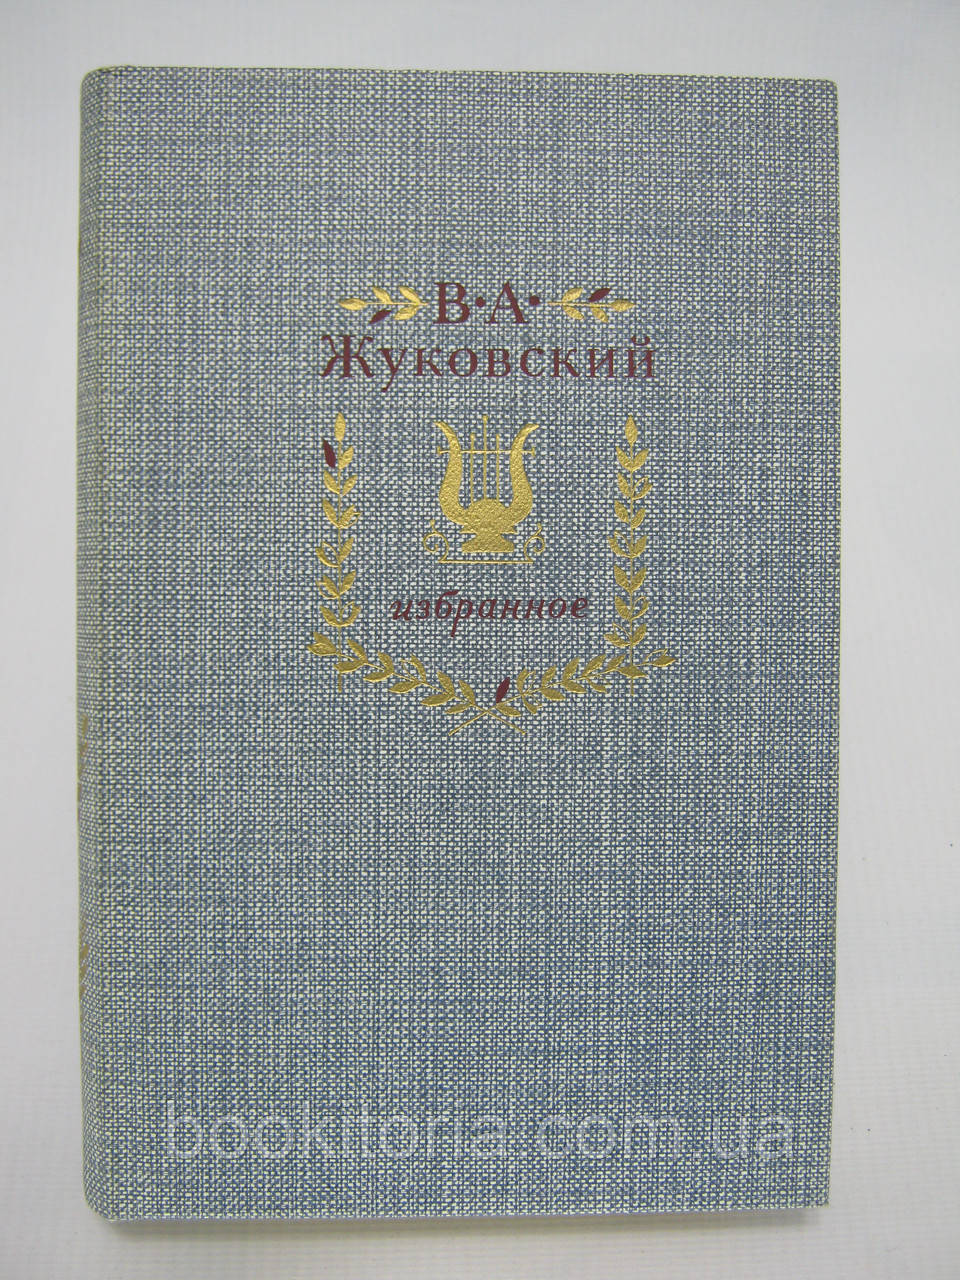 Жуковский В.А. Избранное (б/у).